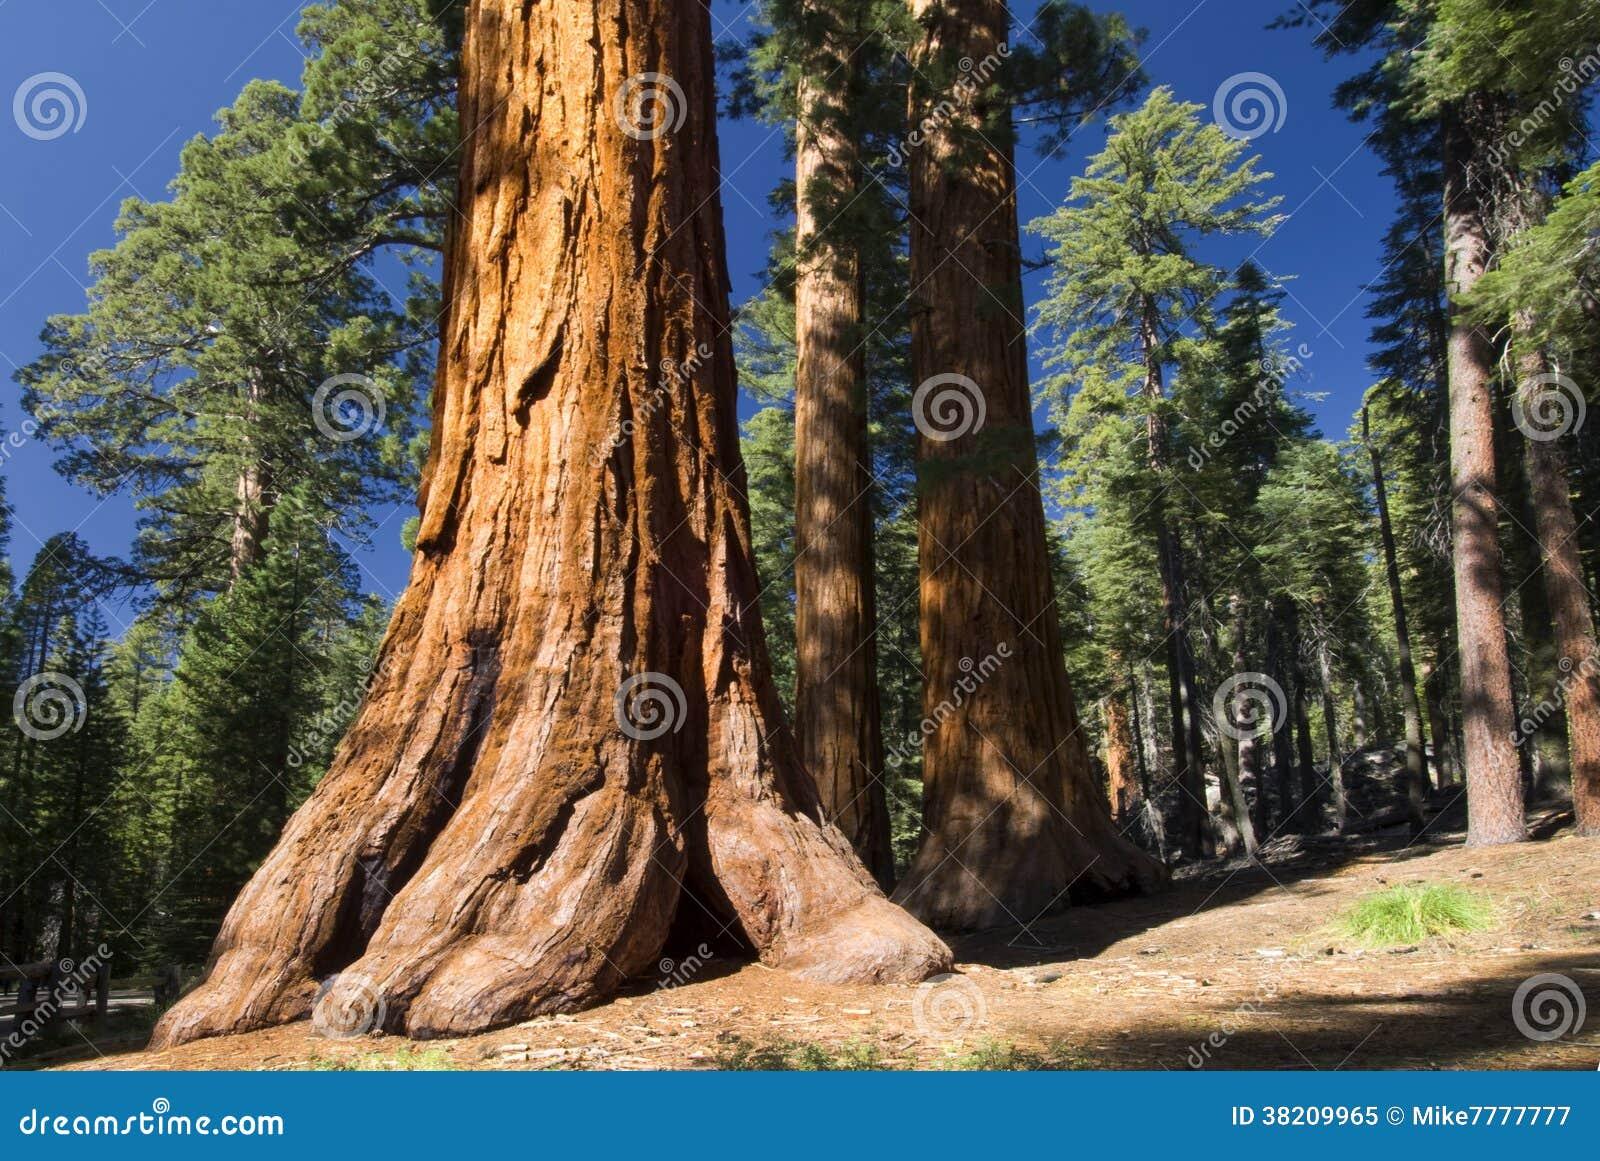 Baum des riesigen Mammutbaums, Mariposa Grove, Yosemite Nationalpark, Kalifornien, USA